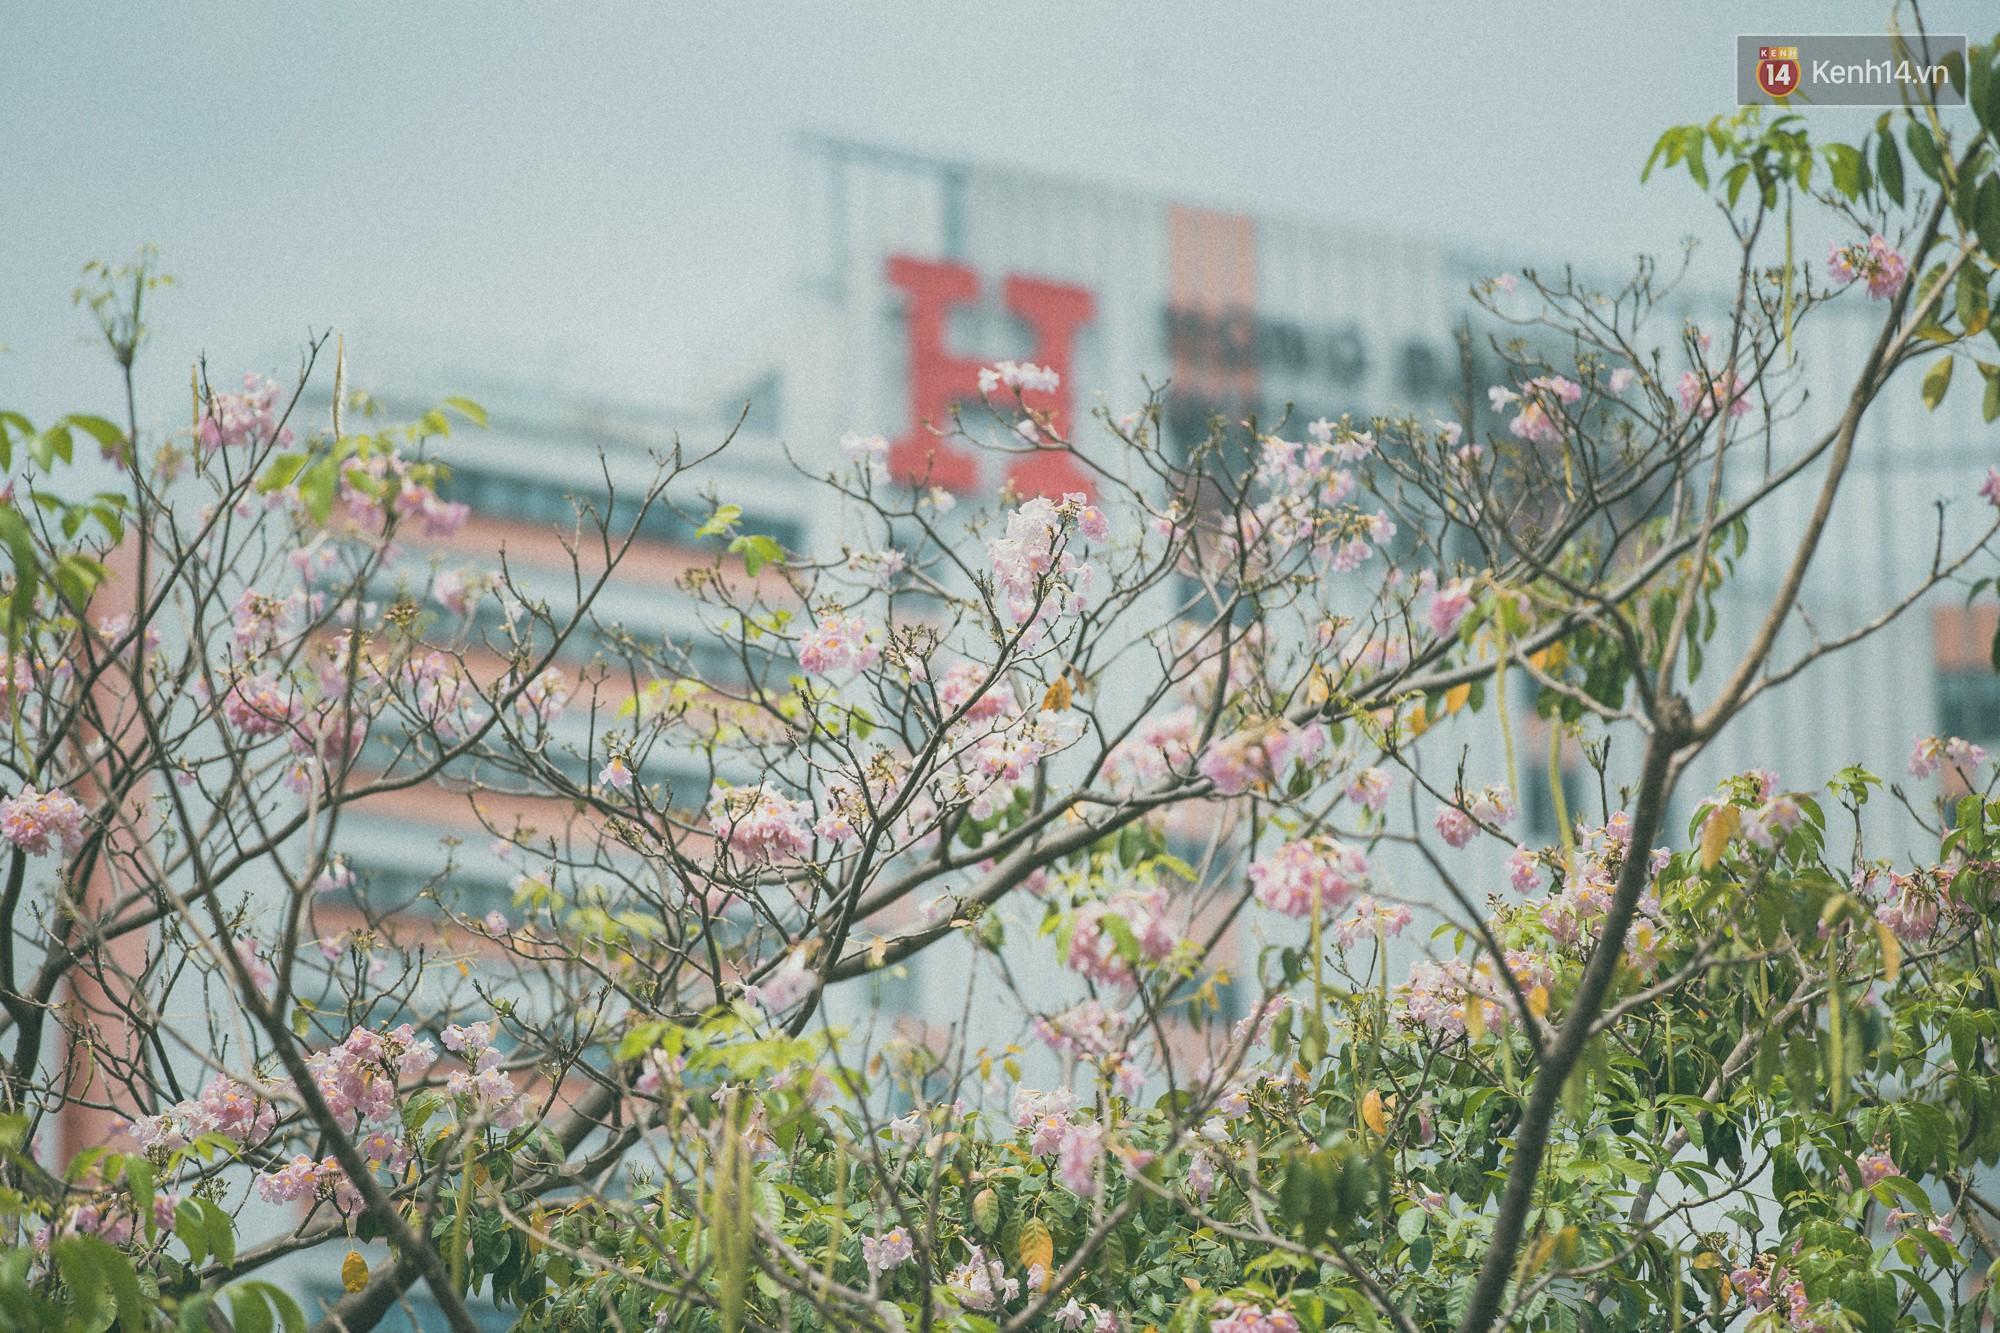 Sài Gòn mùa hoa kèn hồng: dịu dàng và dễ thương đến lạ! - Ảnh 3.